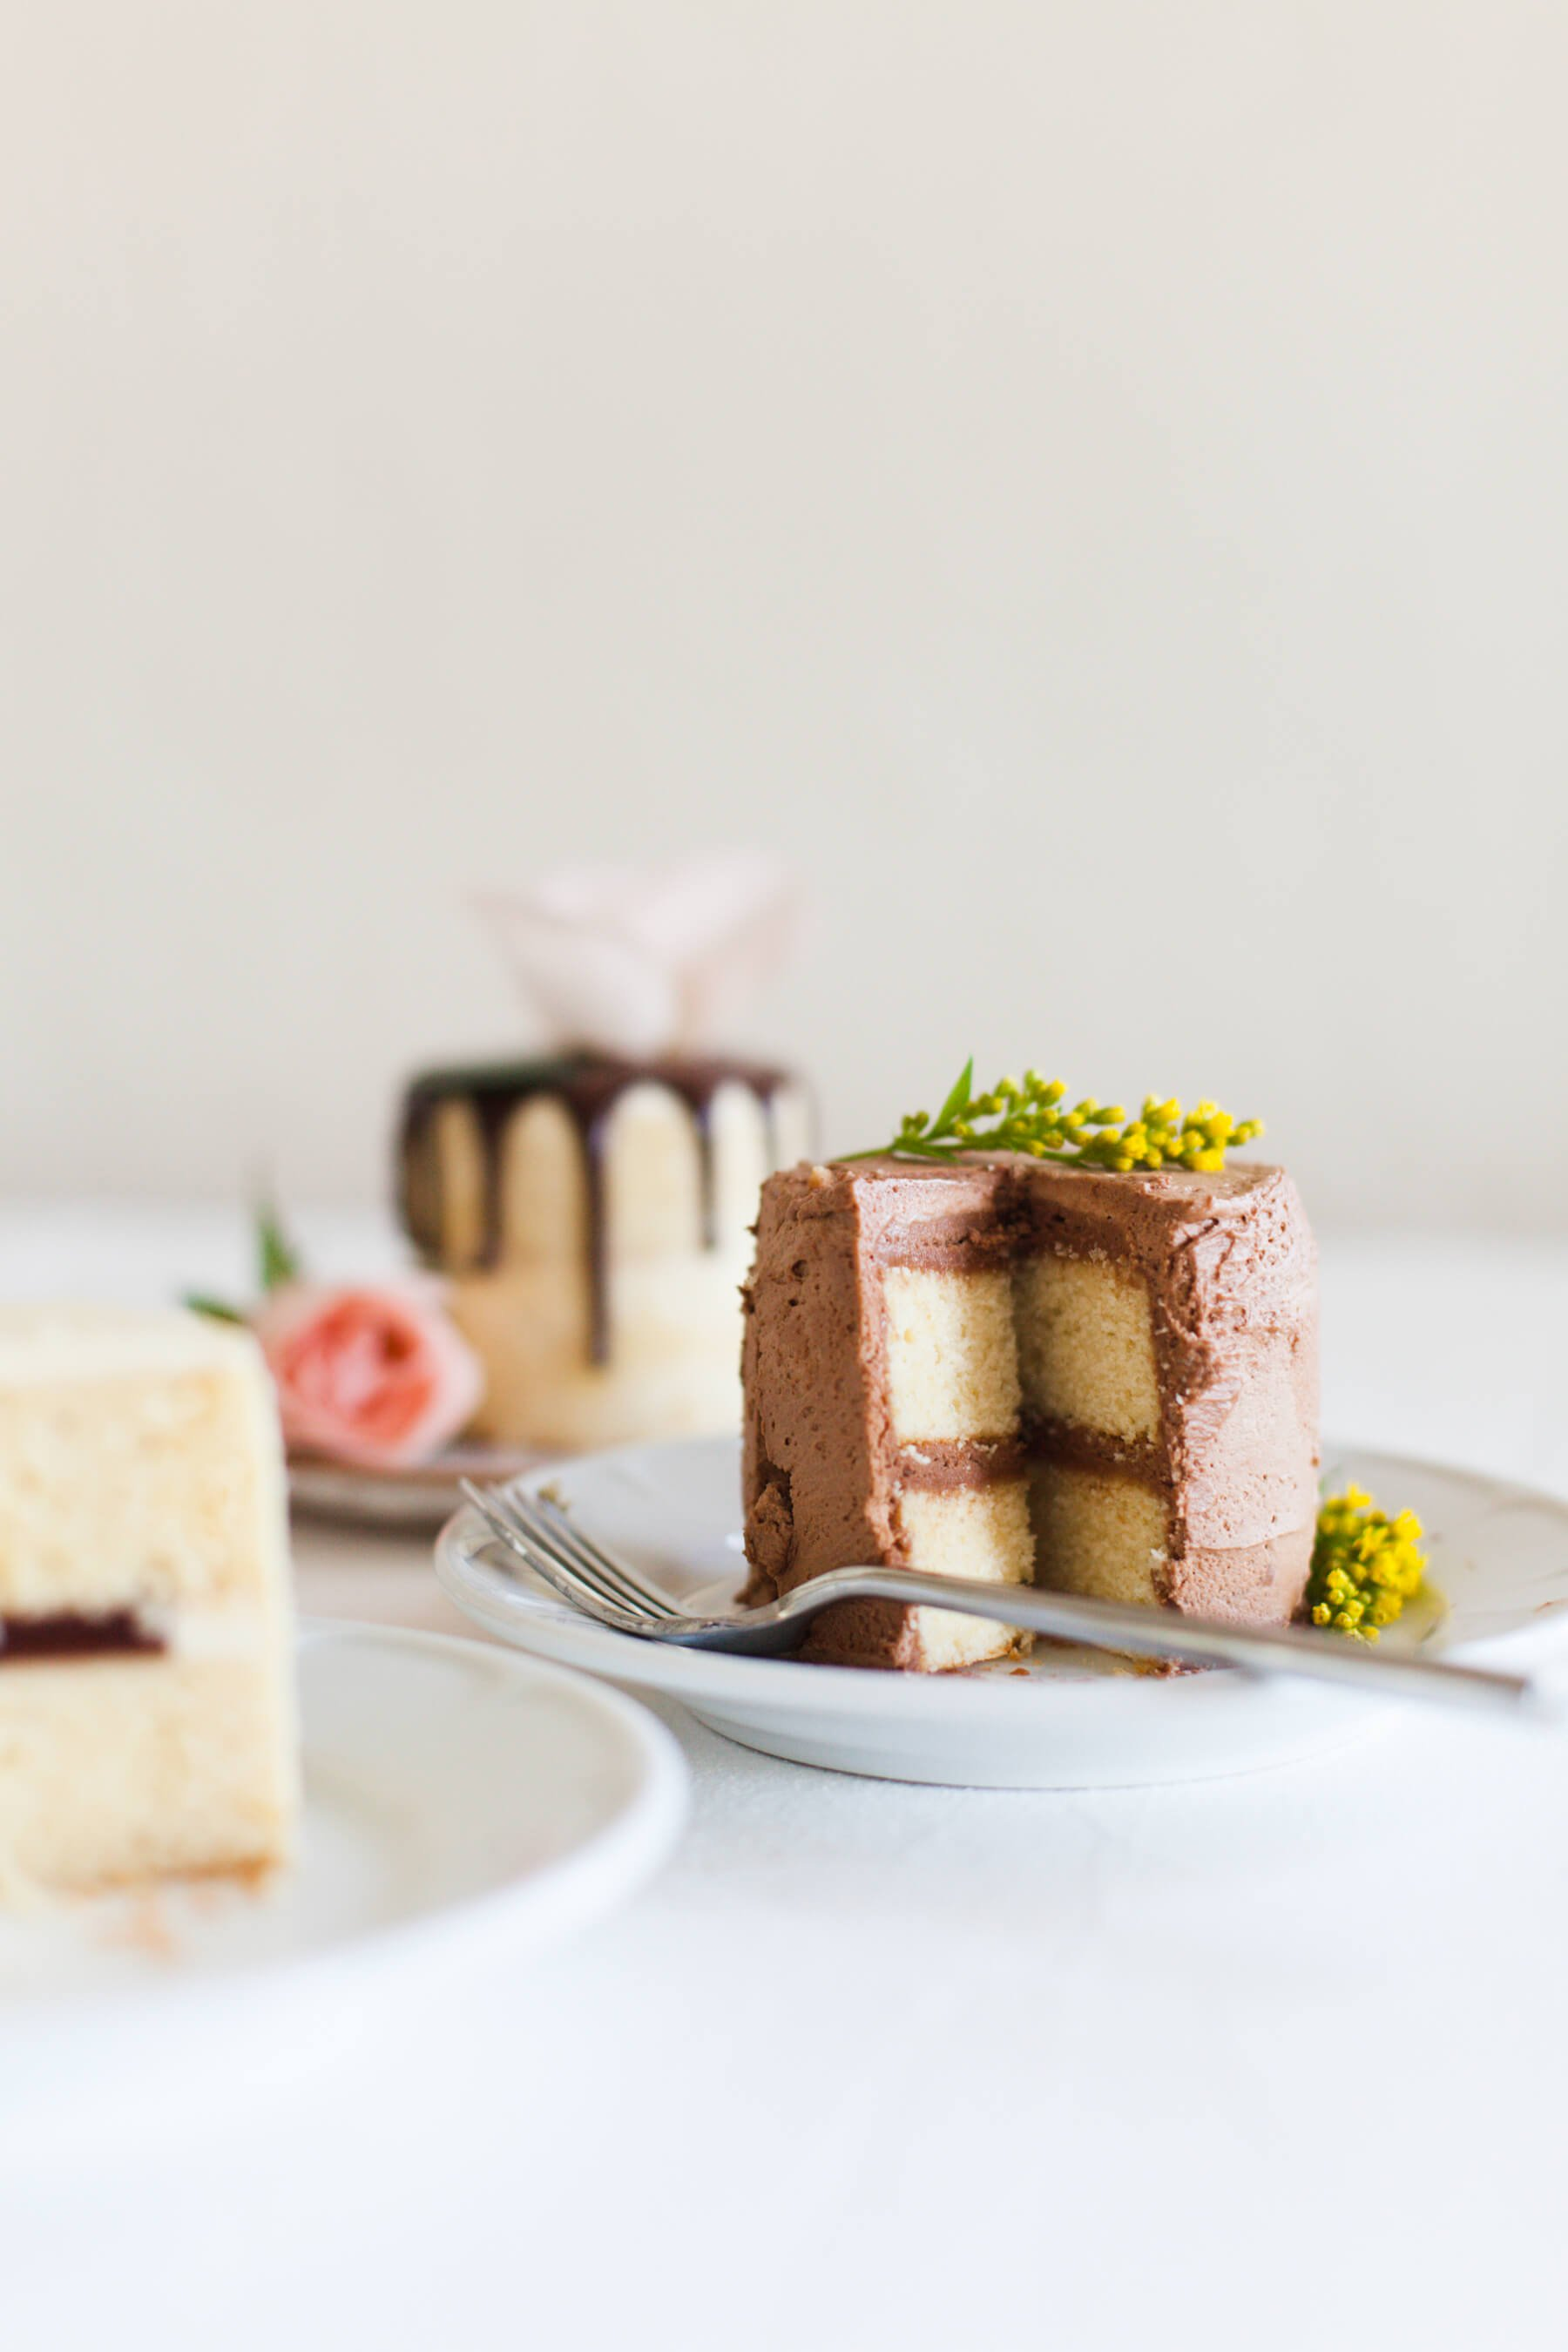 Swiss meringue buttercream for mini cakes